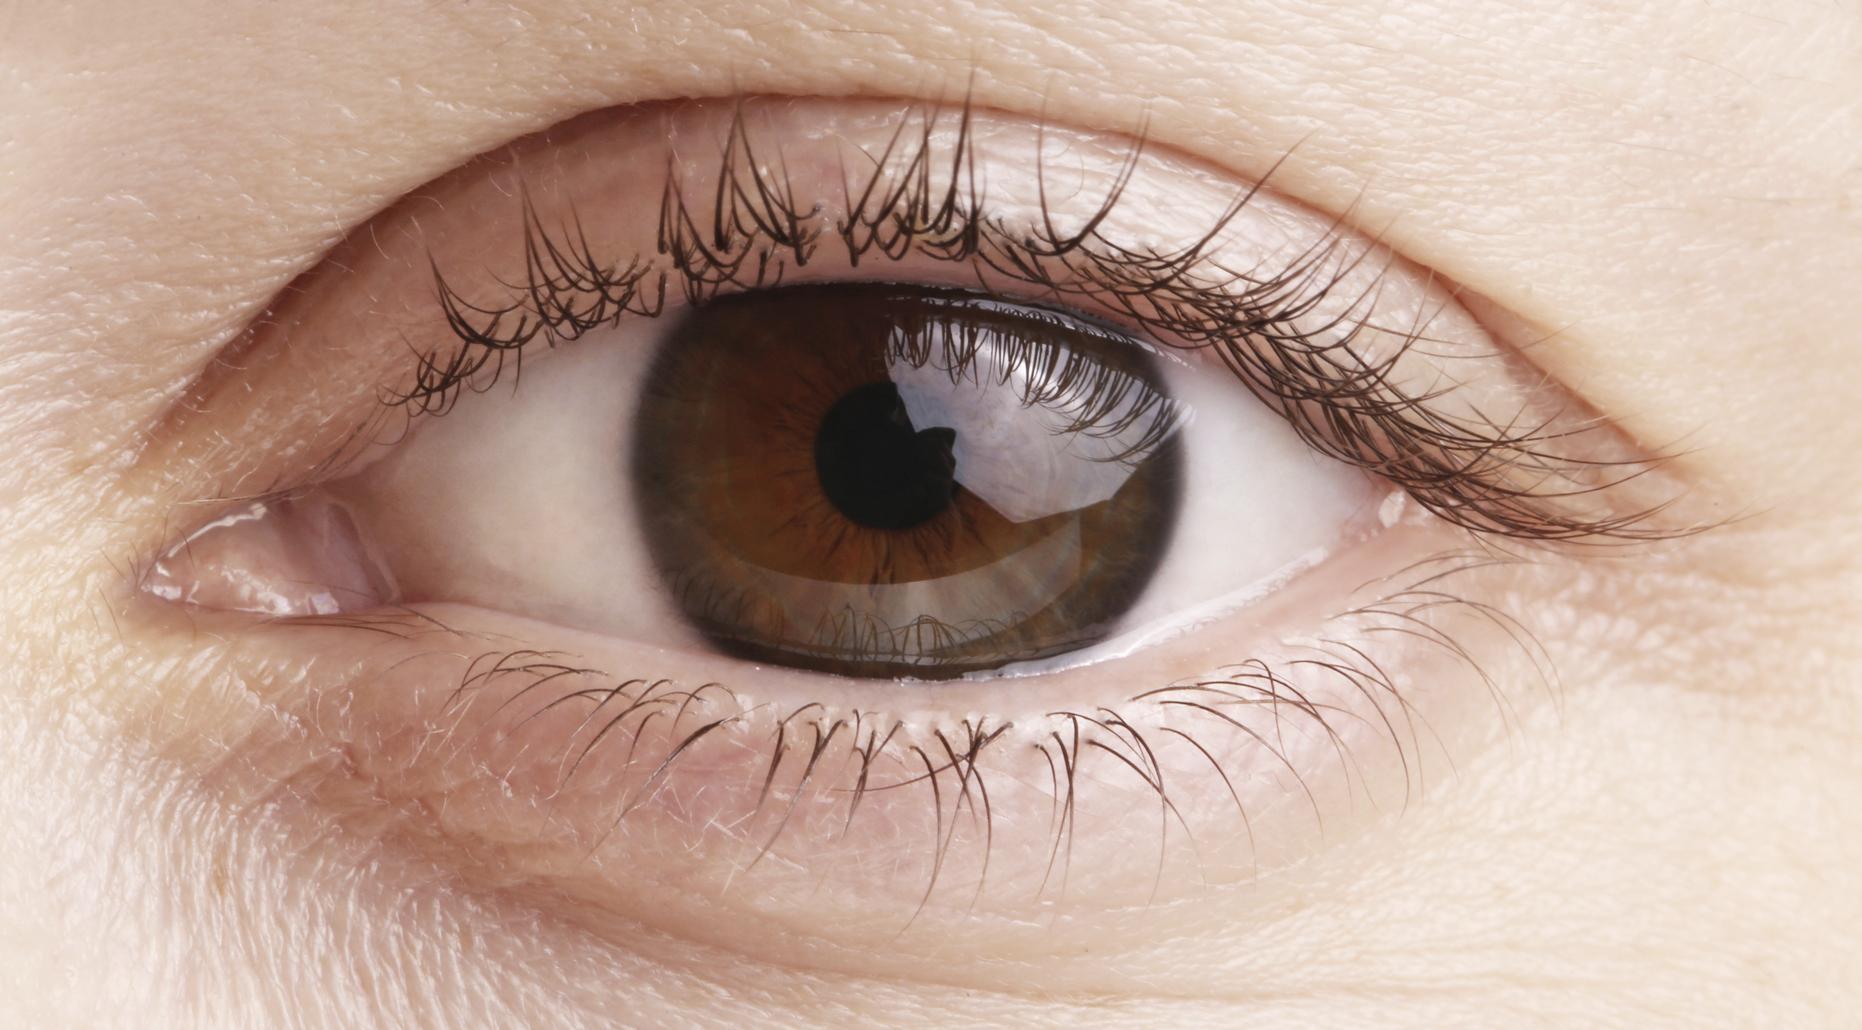 Por qu me tiembla el ojo blog de cl nica baviera - Como deshacer un mal de ojo ...